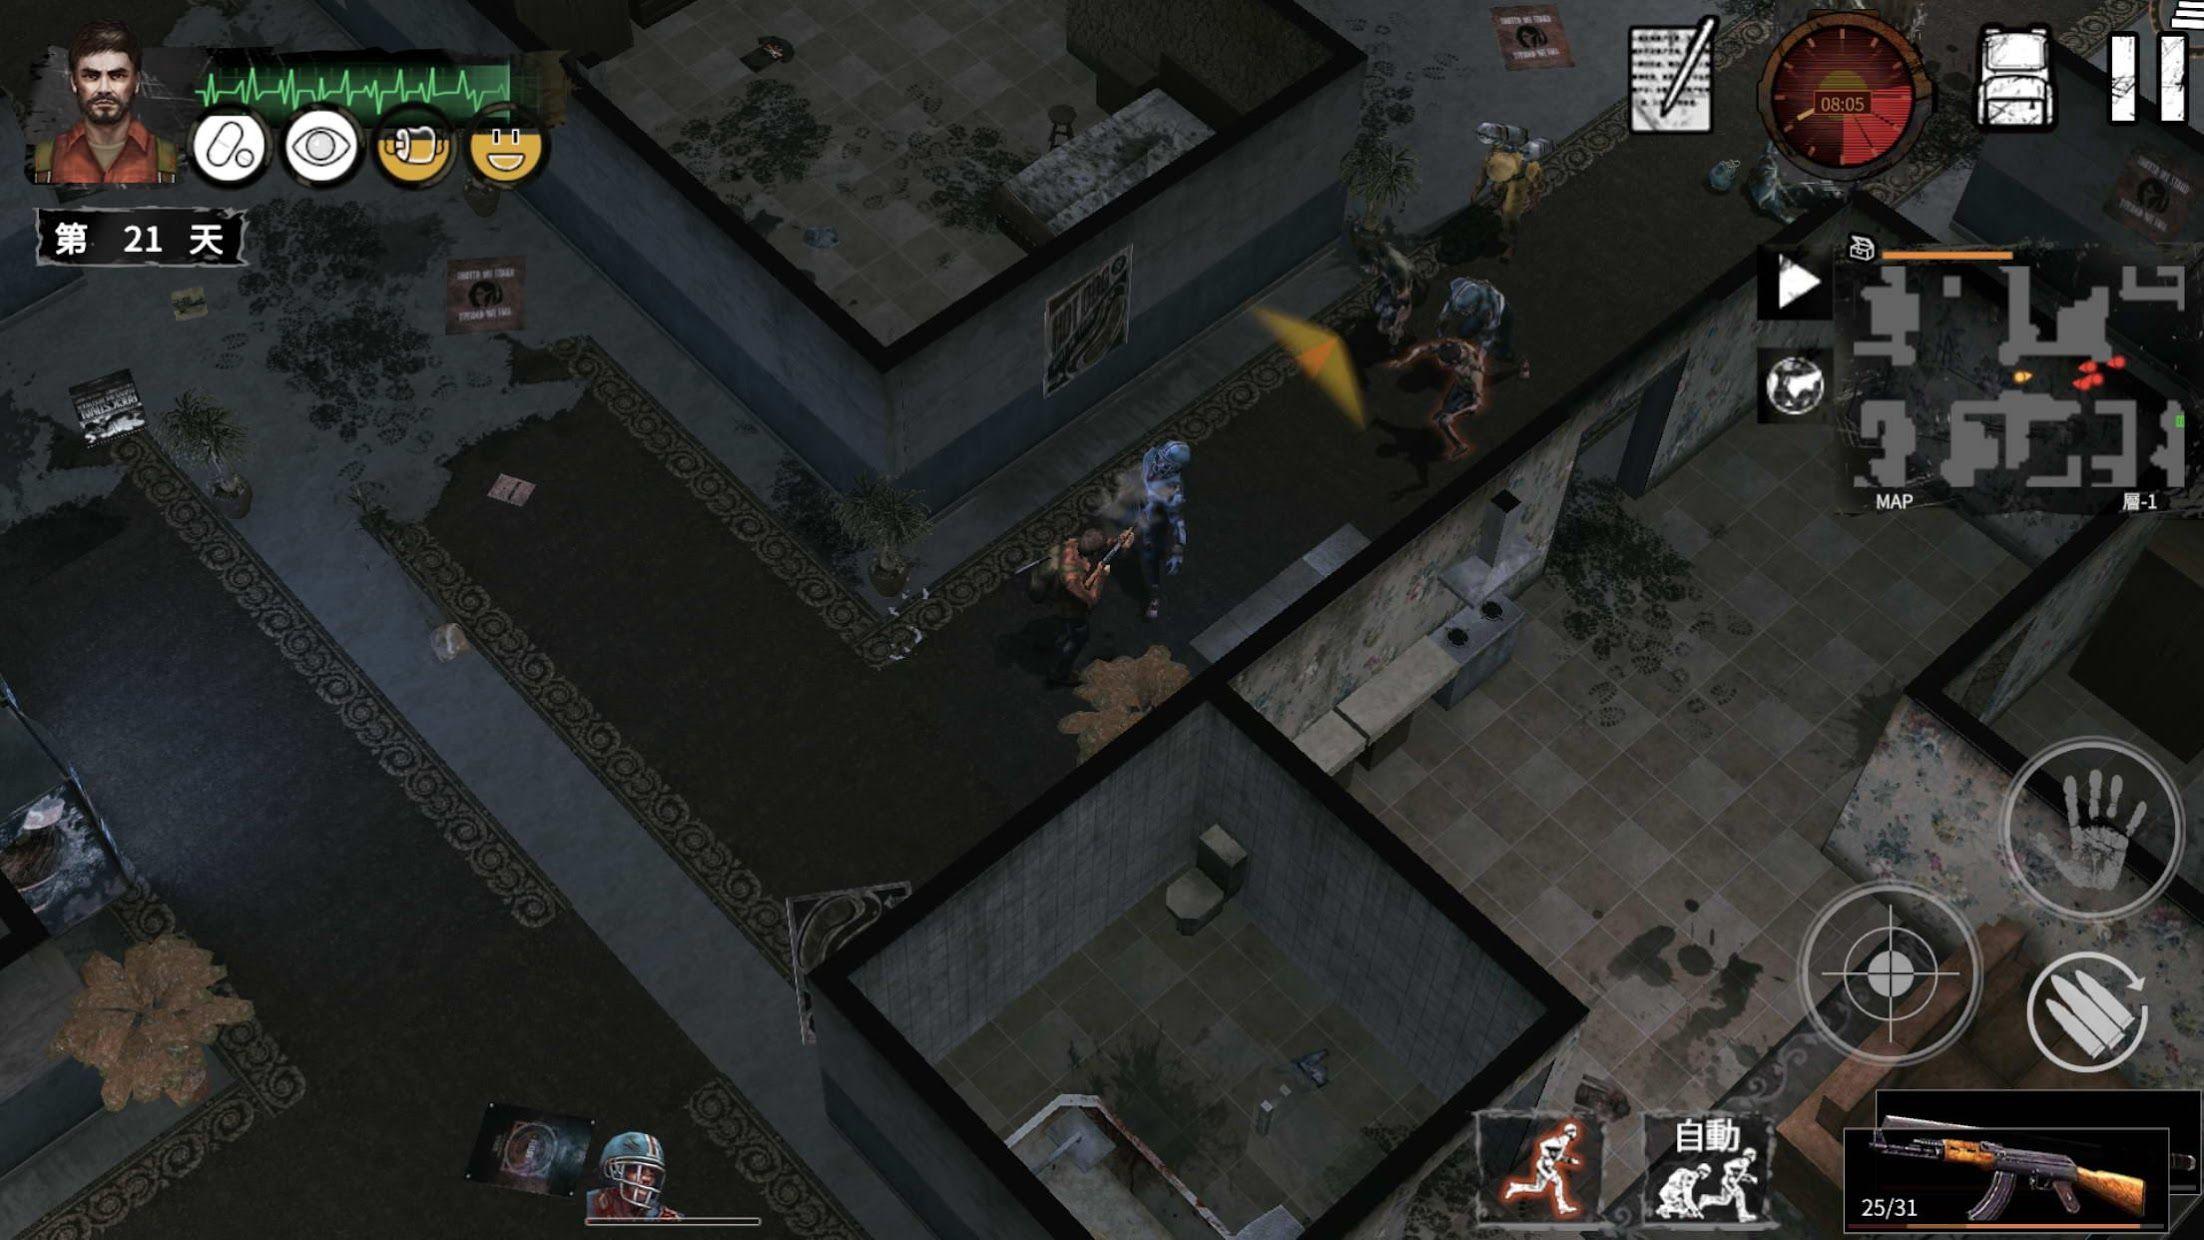 末日方舟: 生存 游戏截图5